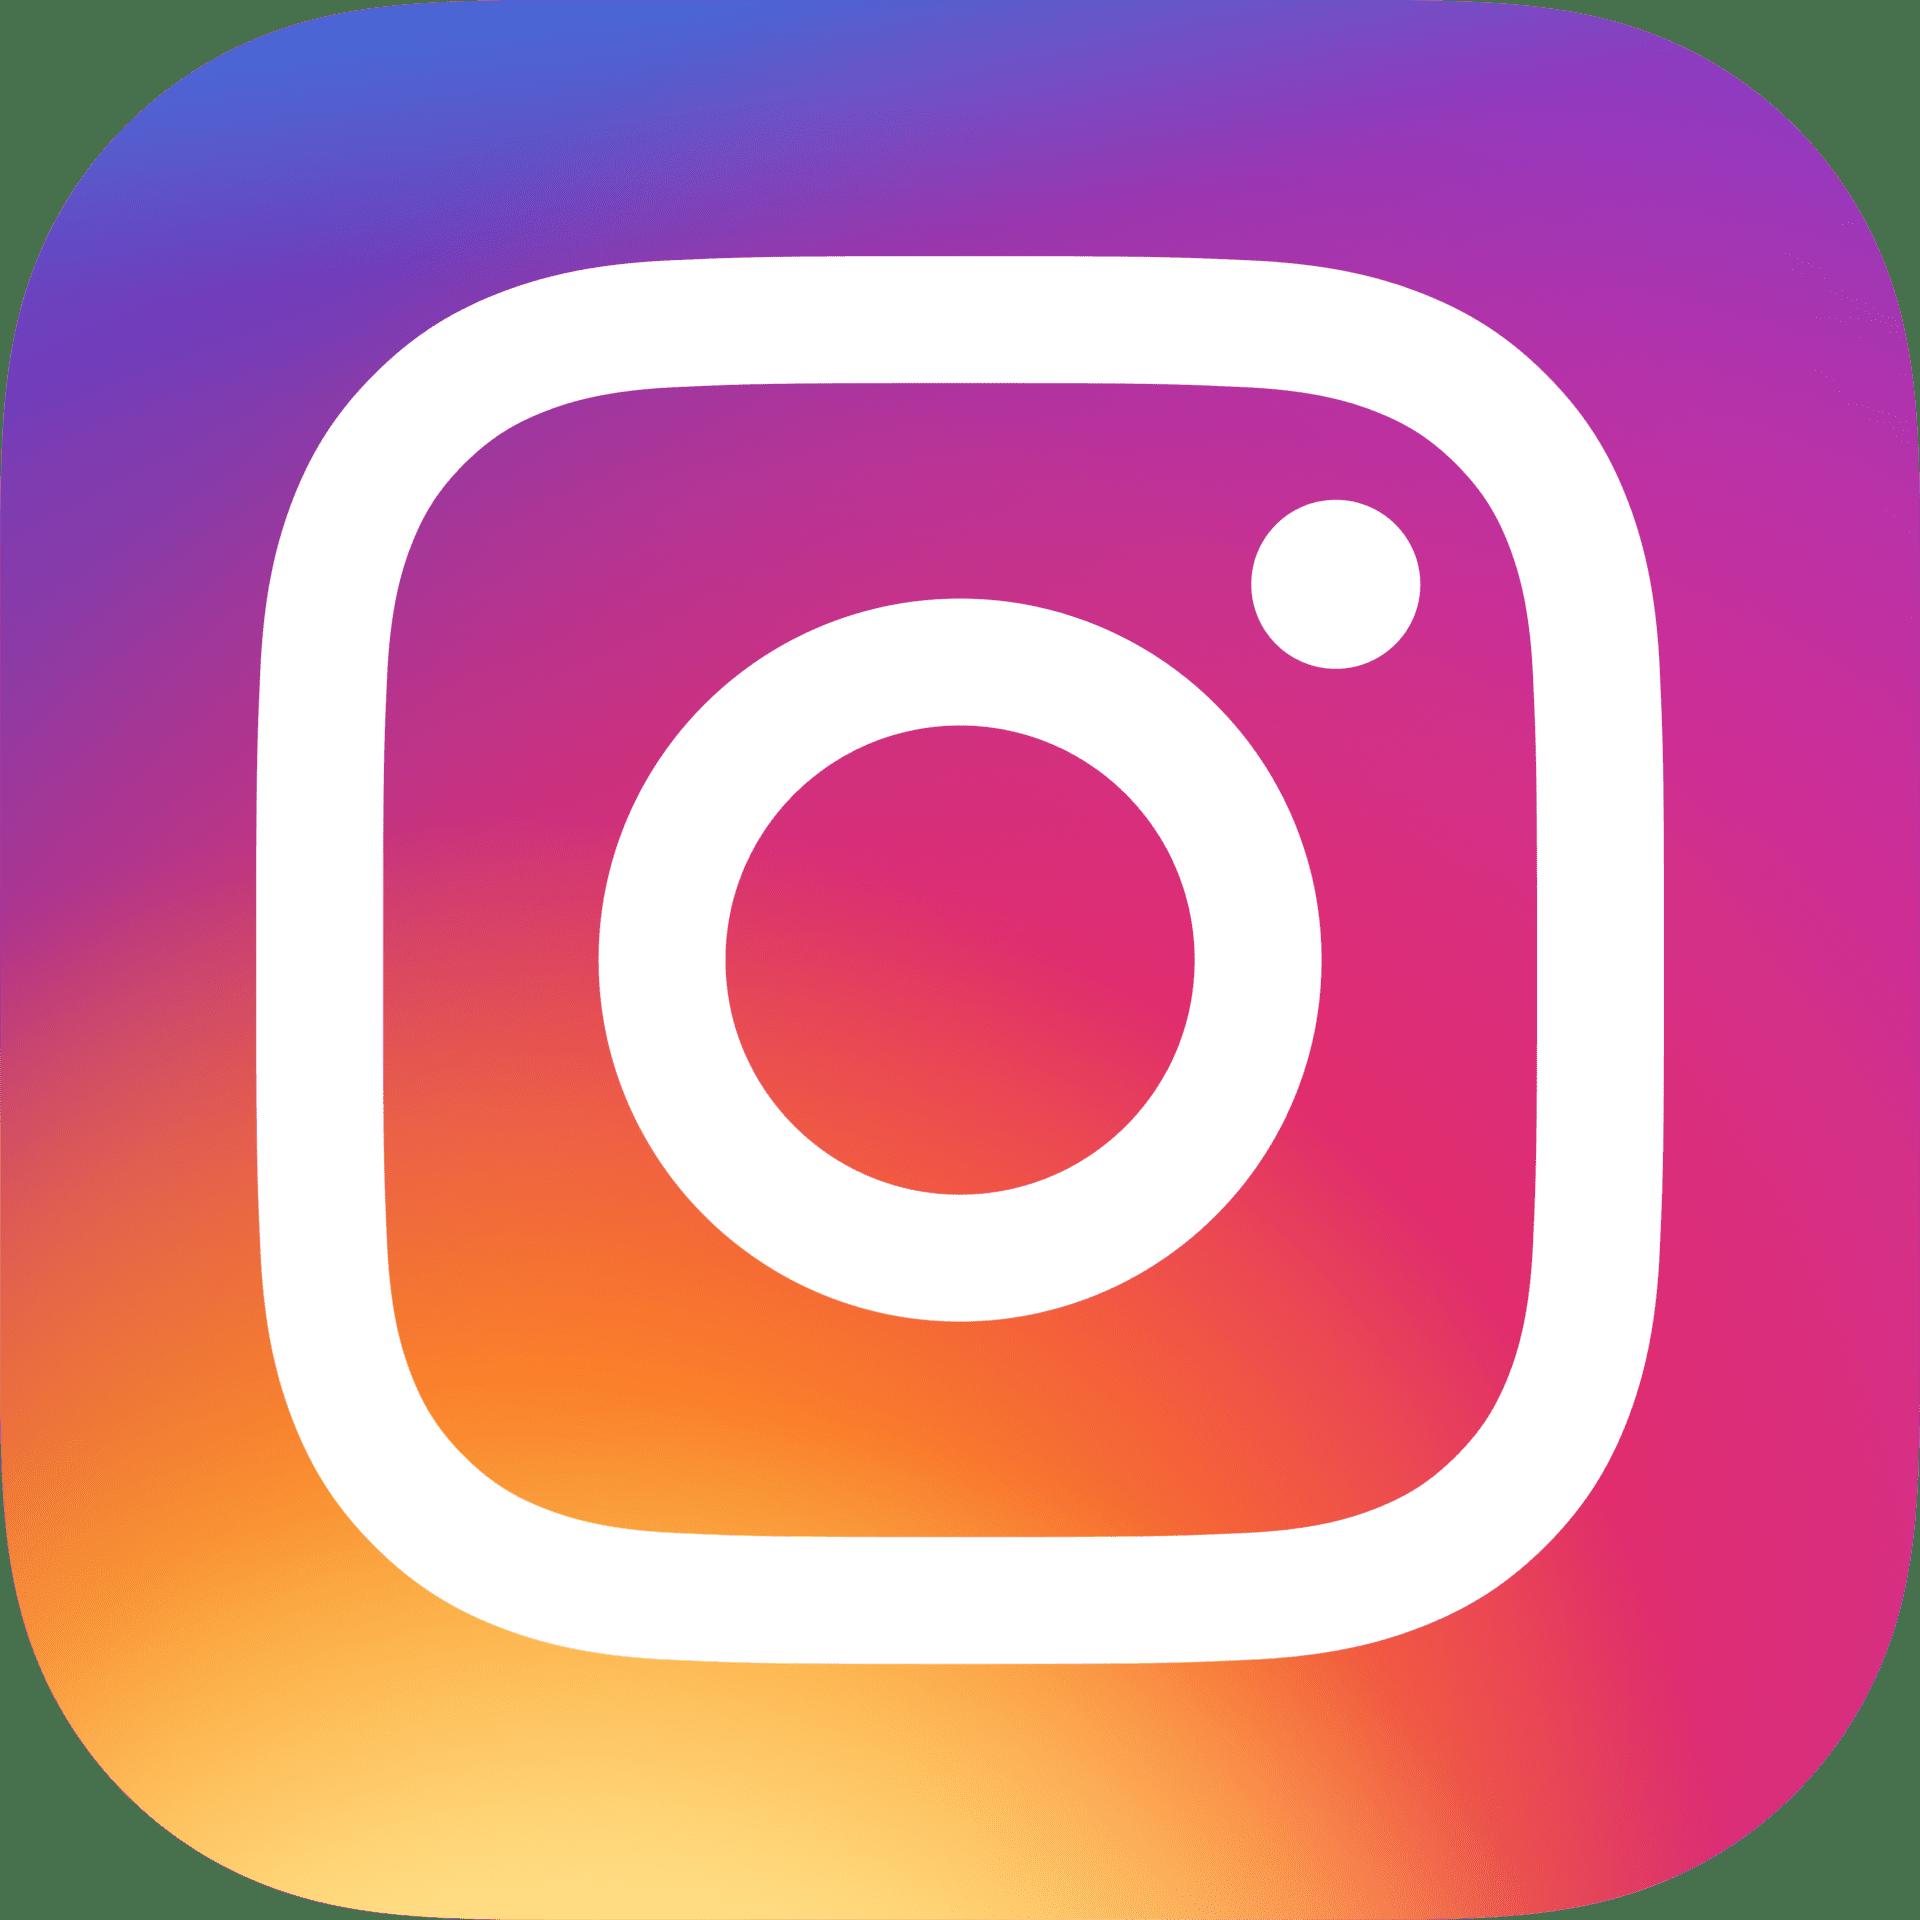 Sie finden TIPEP Real Estate auch auf Instagram. Dort stellen wir unsere Leistungen wir Hausverwaltung, Hausmeisterdienst, Wertermittlung und ähnliches dar.